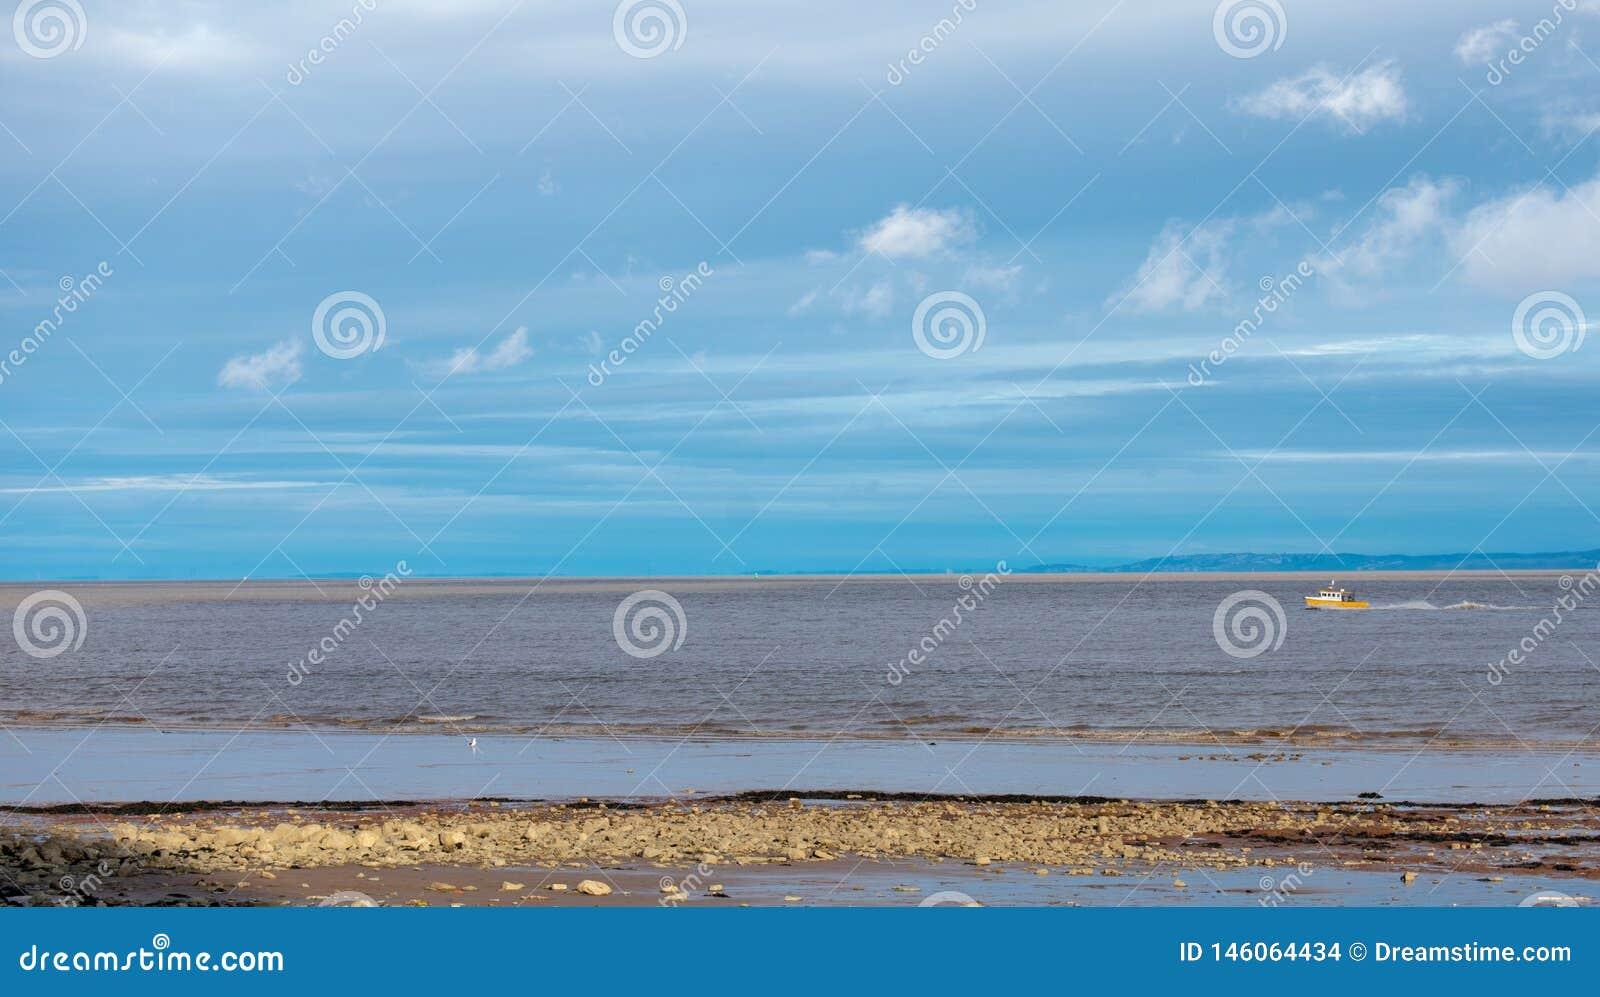 Ruhiger See mit kleinem Boot und blauem Himmel